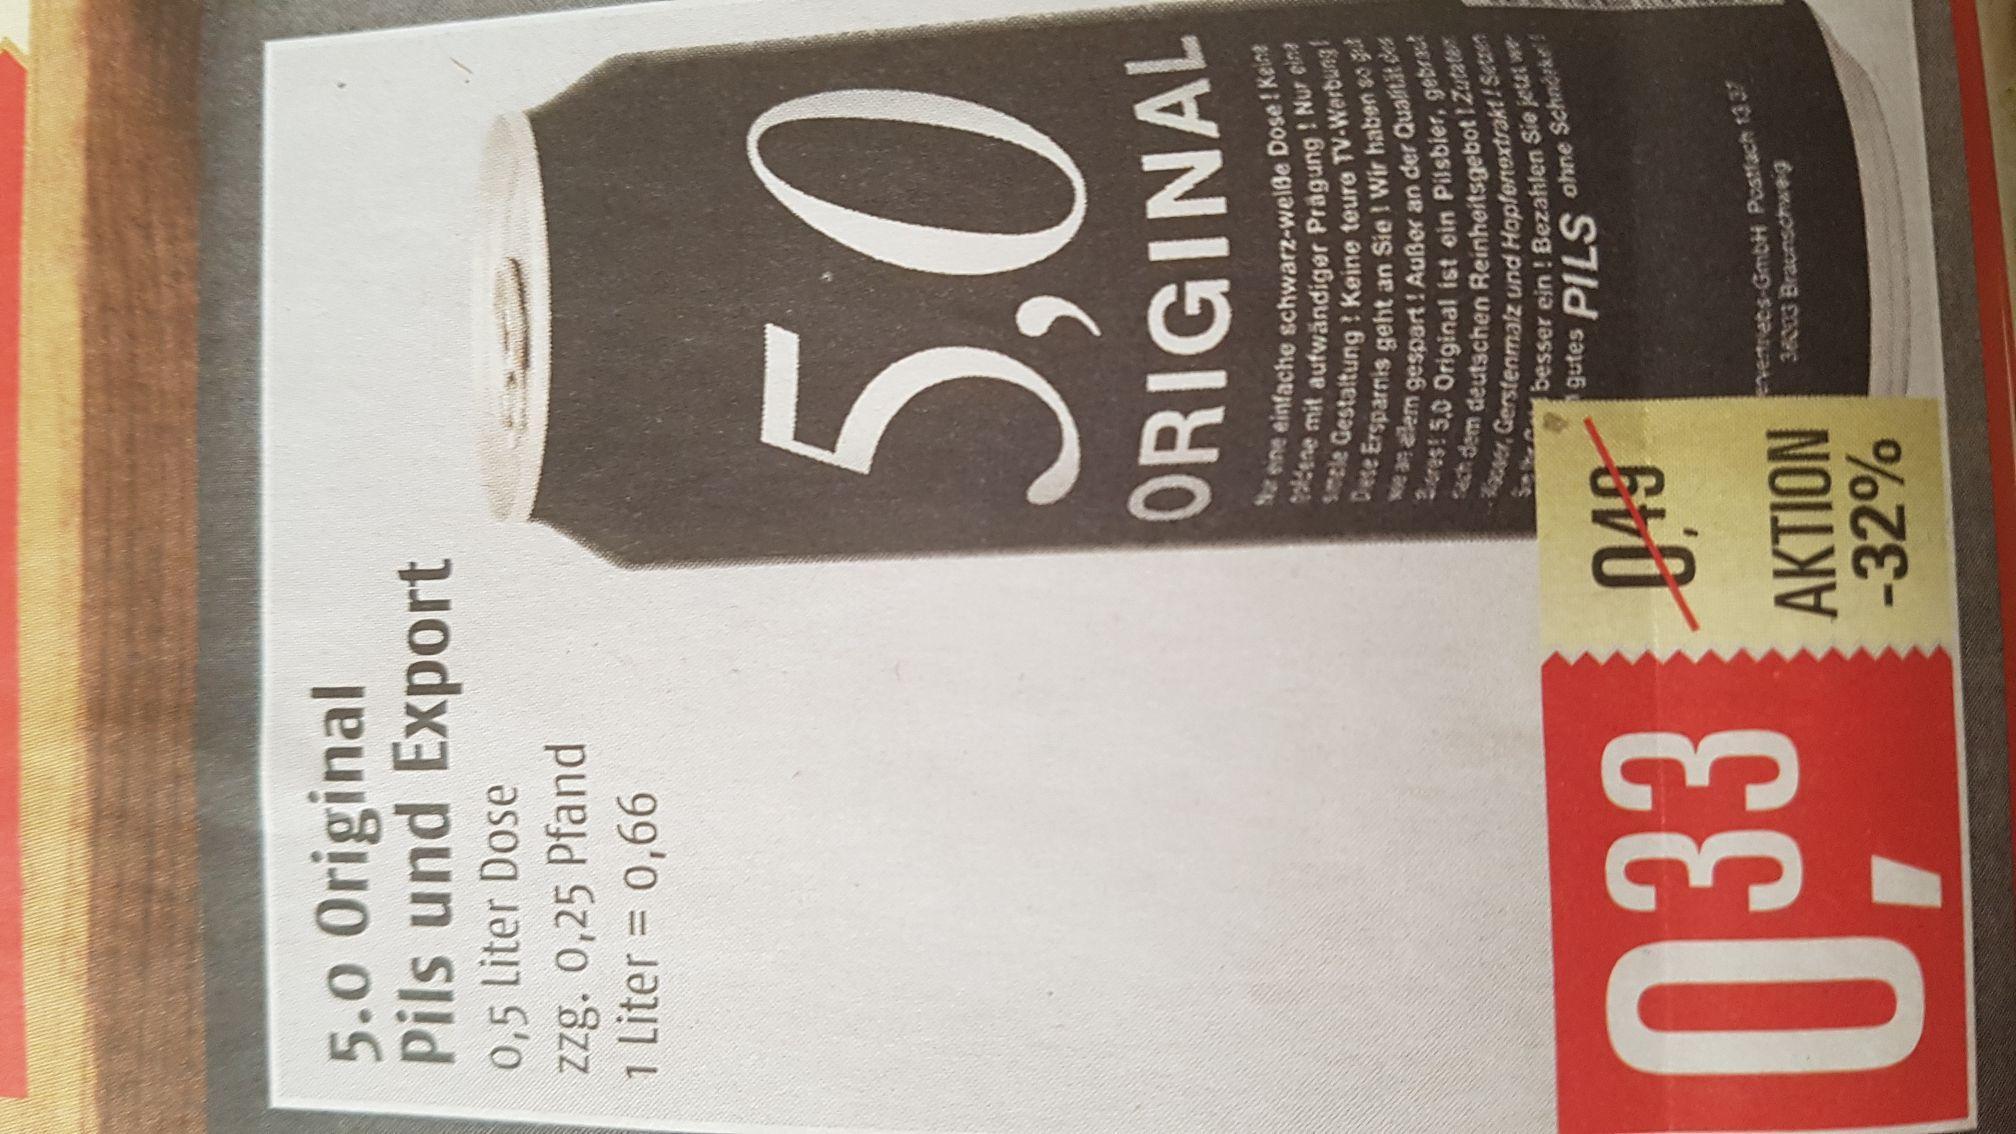 5,0 Original Pils / Export für 33ct zzgl. Pfand